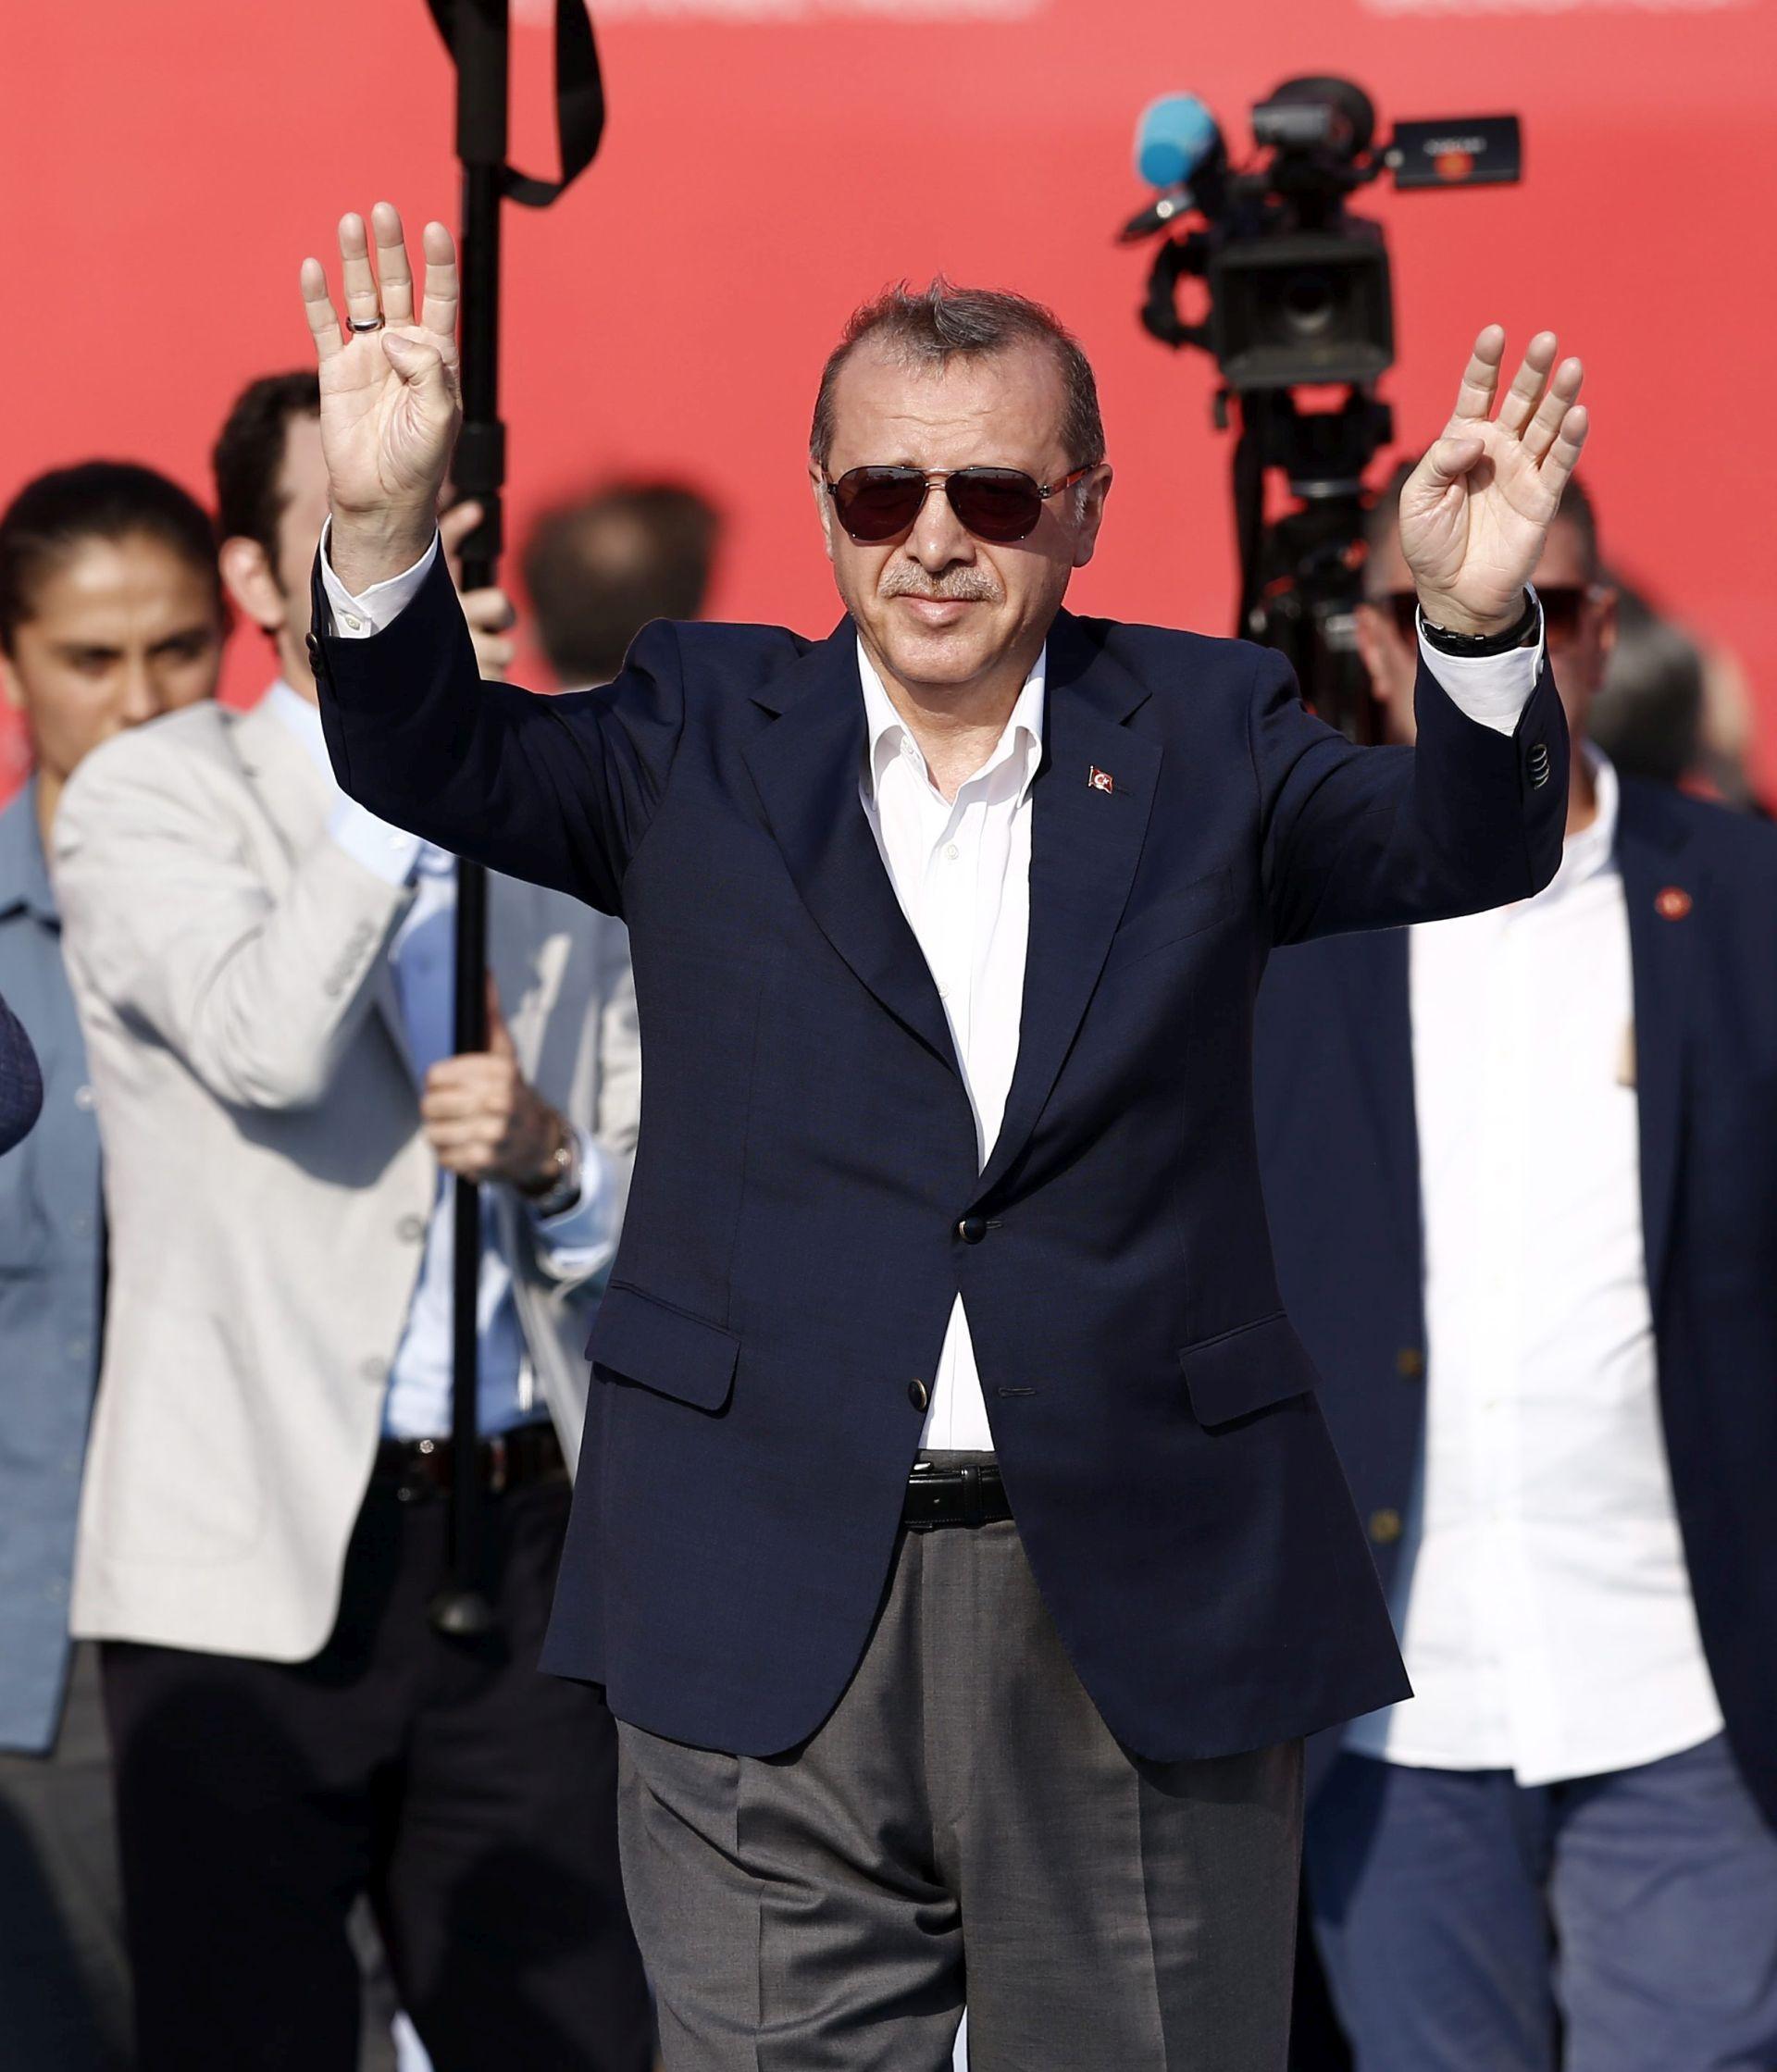 ZAMRZAVANJE PREGOVORA: Erdogan prijeti otvaranjem granica migrantima prema Europi